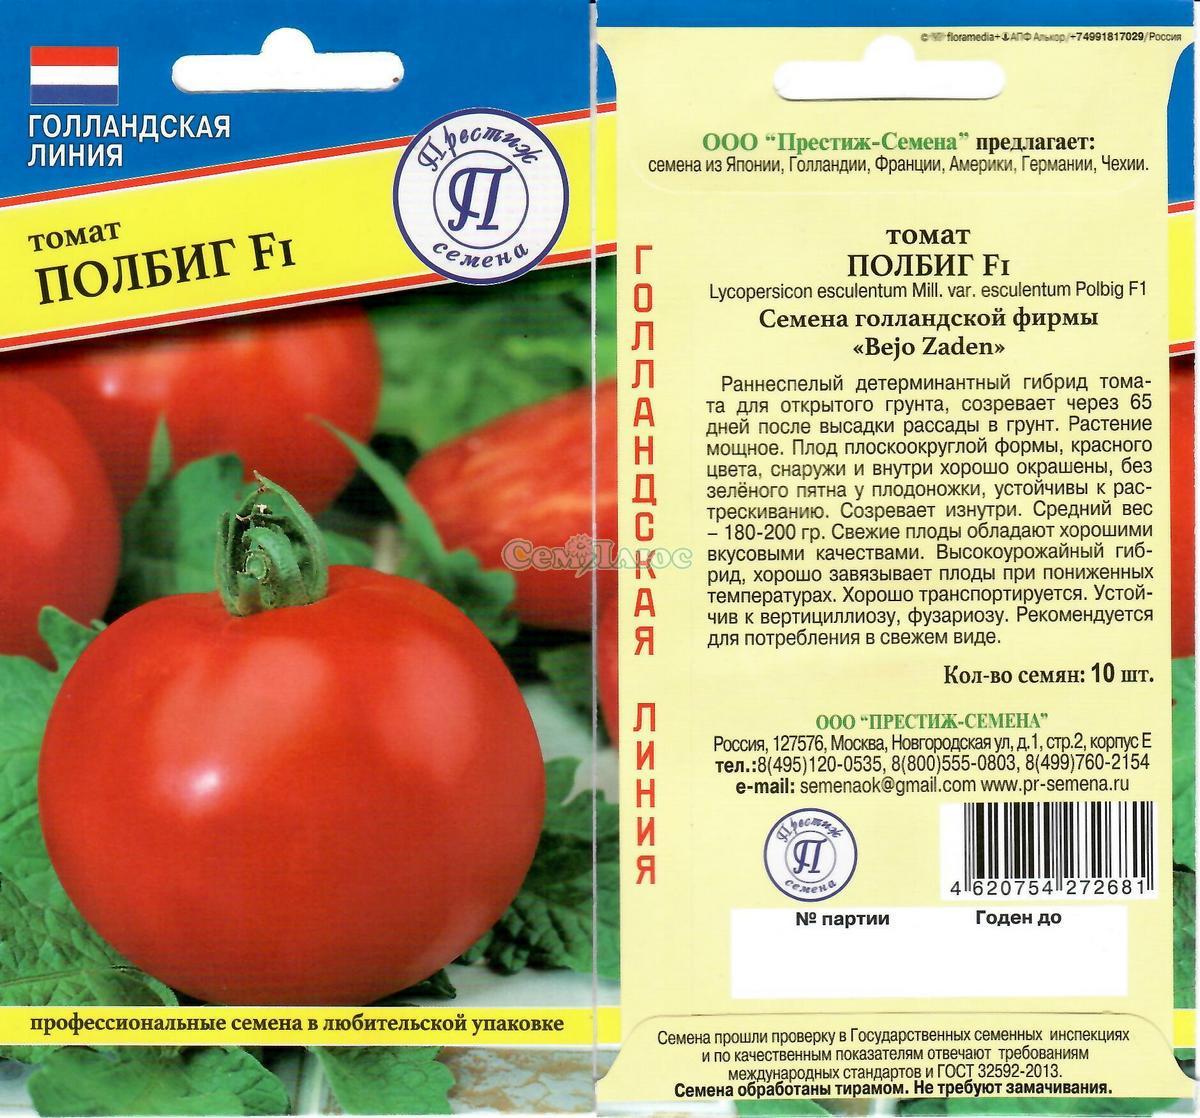 Томат полбиг f1 - описание сорта, характеристика, урожайность, отзывы, фото